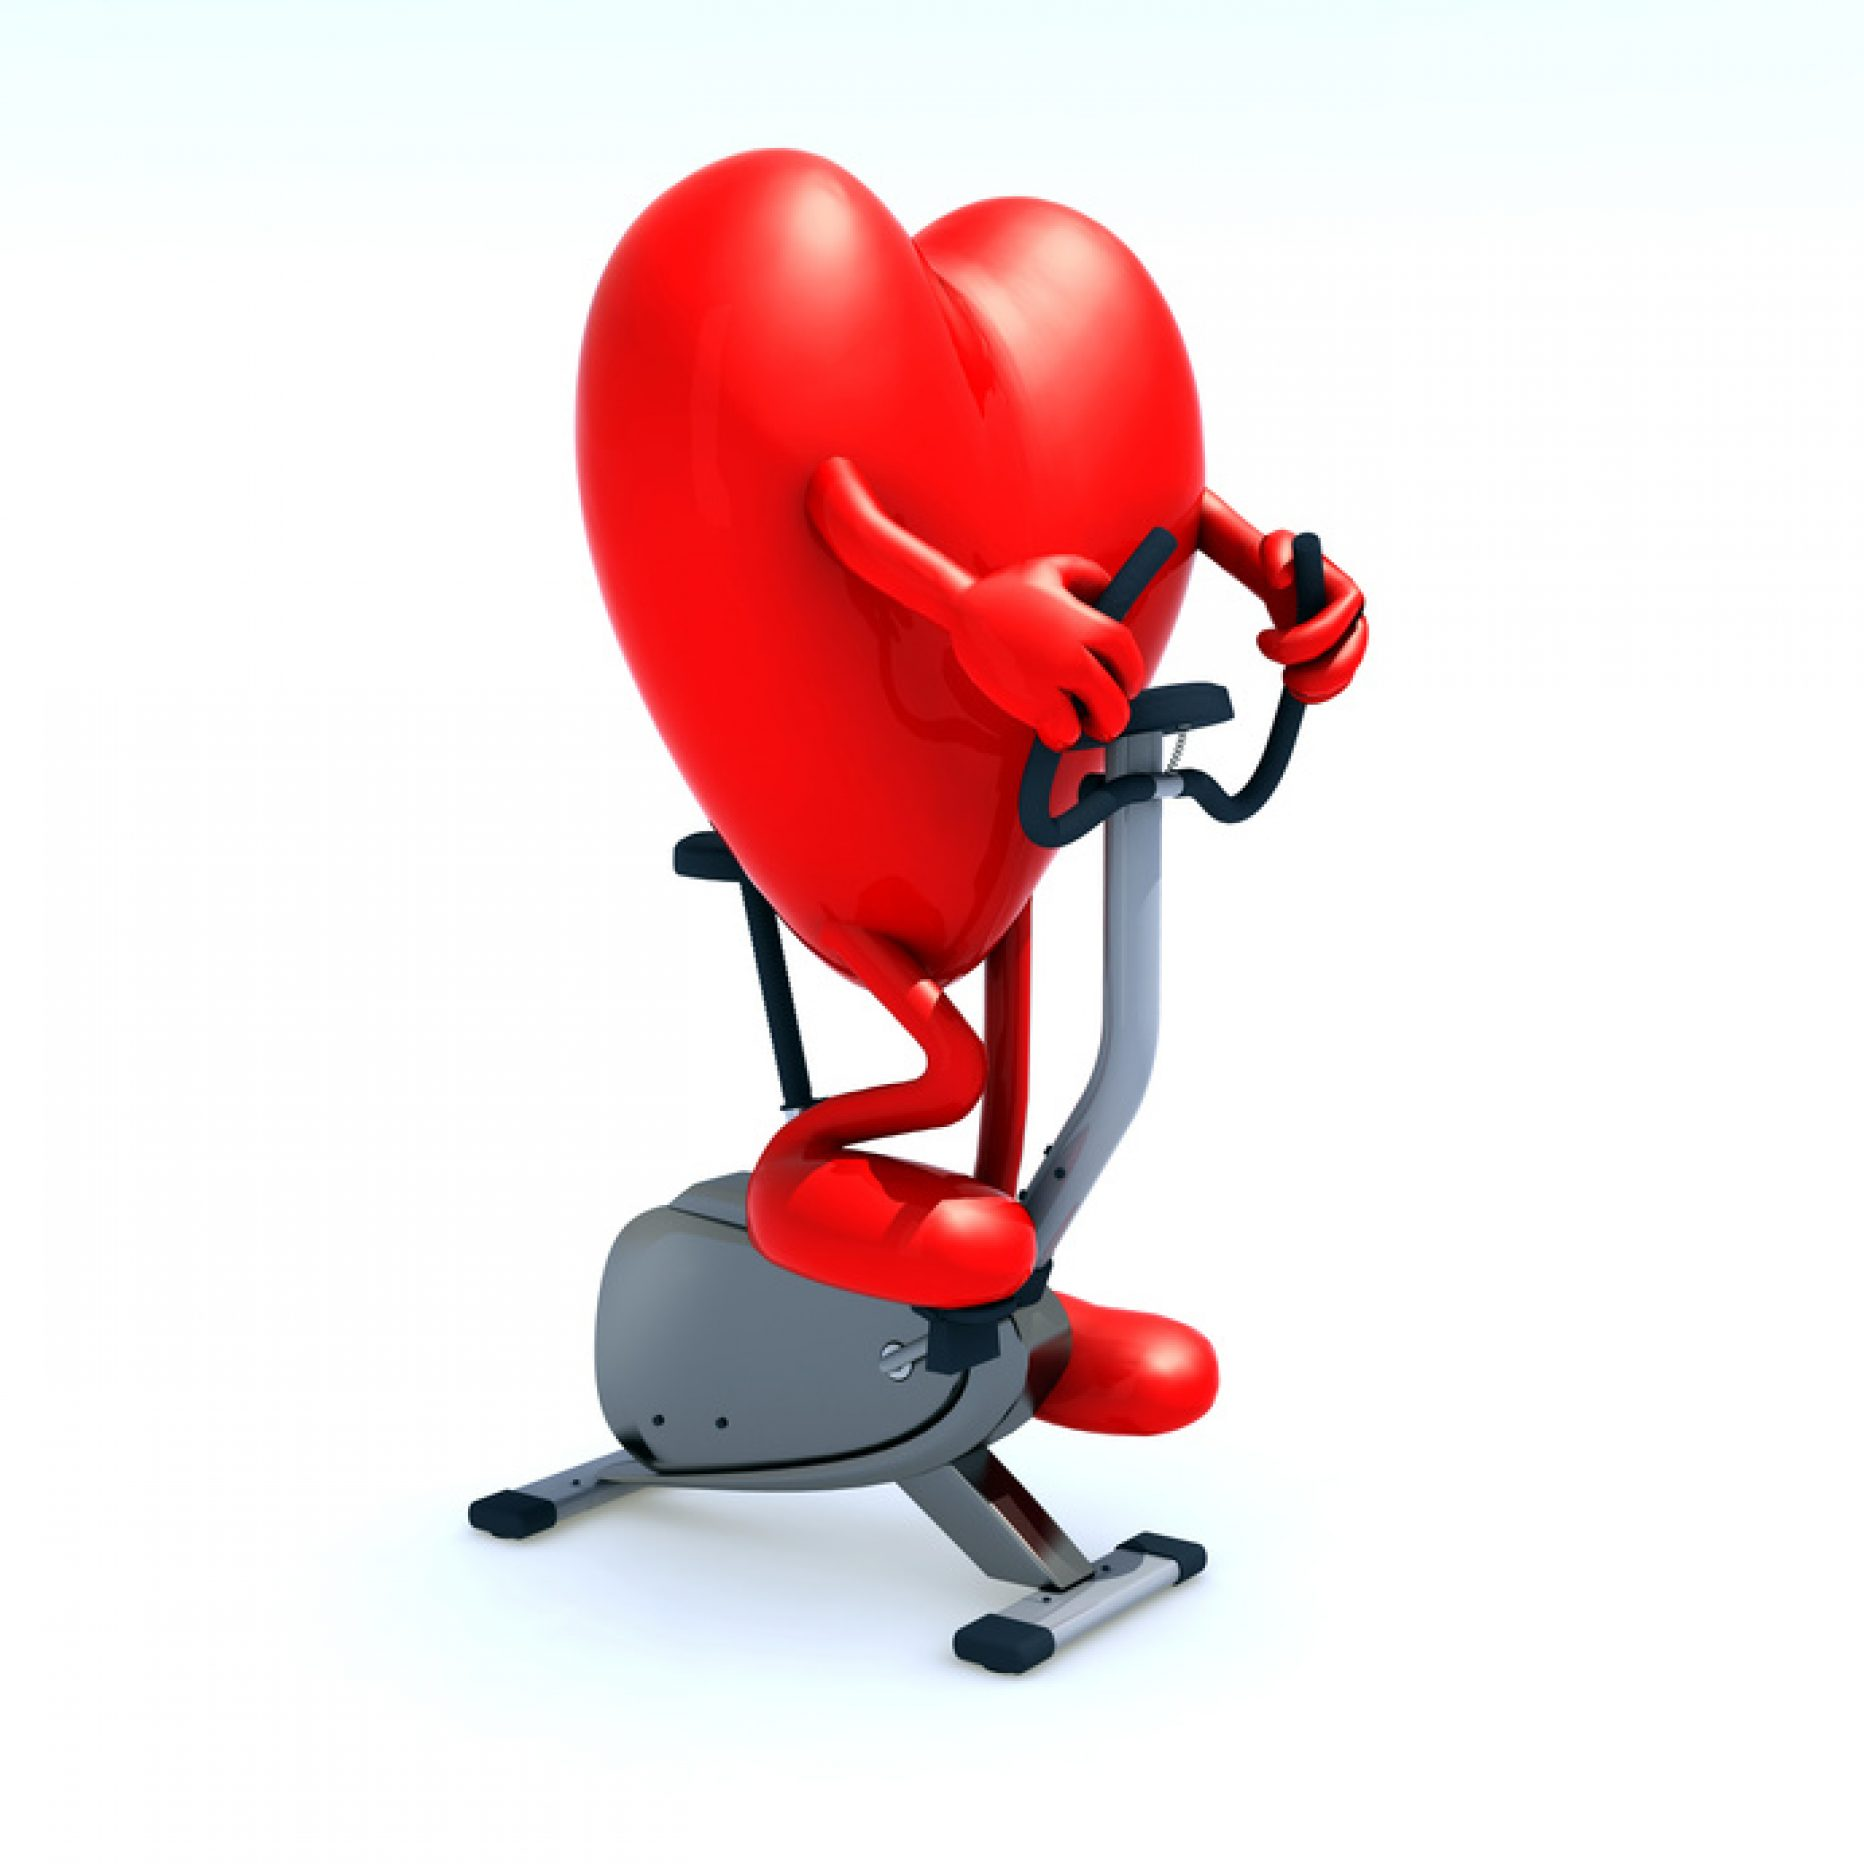 Tajemnica zdrowego układu sercowo-naczyniowego